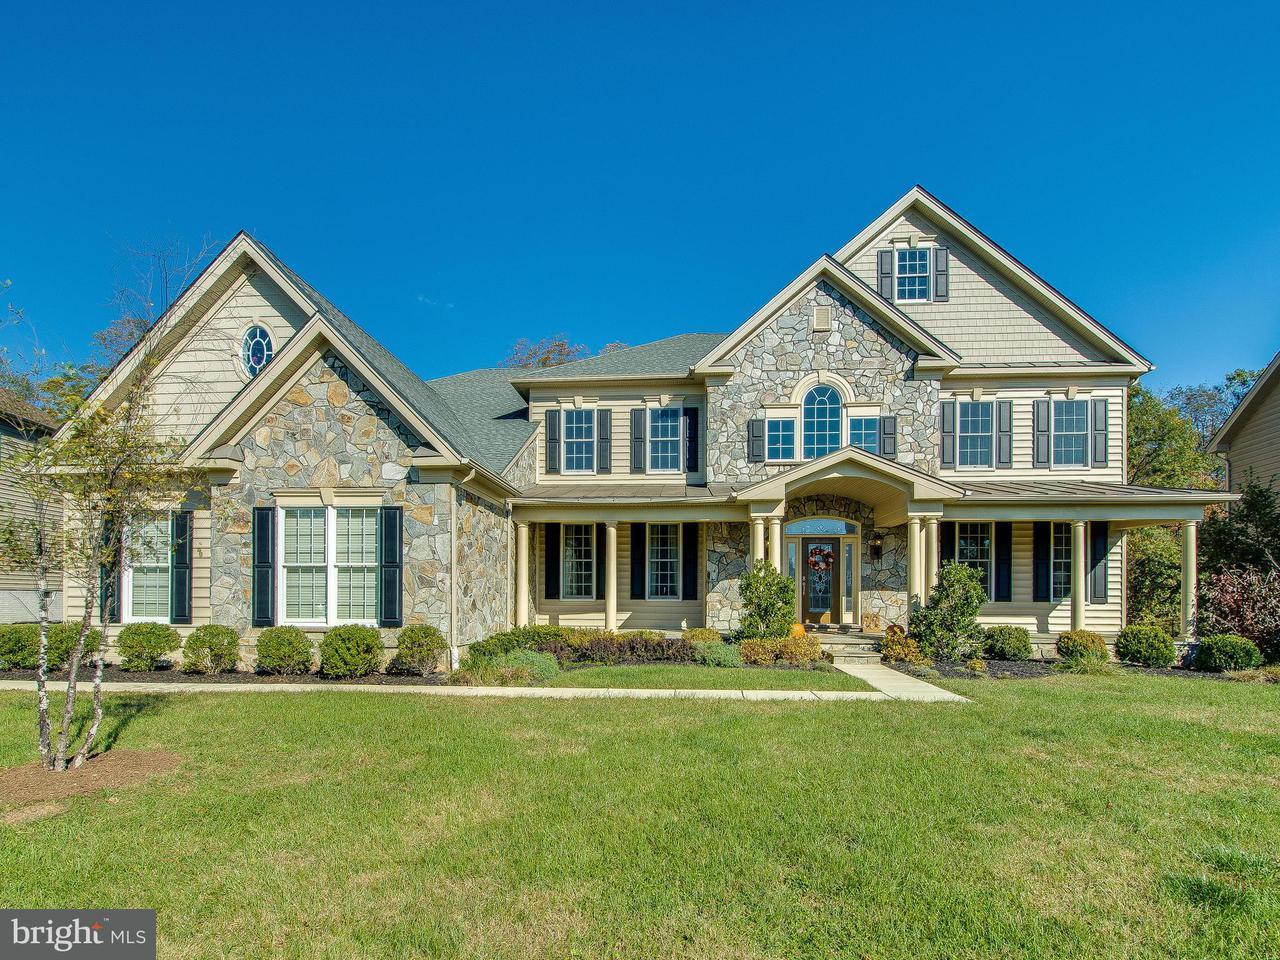 獨棟家庭住宅 為 出售 在 2651 WINTER MORNING WAY 2651 WINTER MORNING WAY Olney, 馬里蘭州 20832 美國